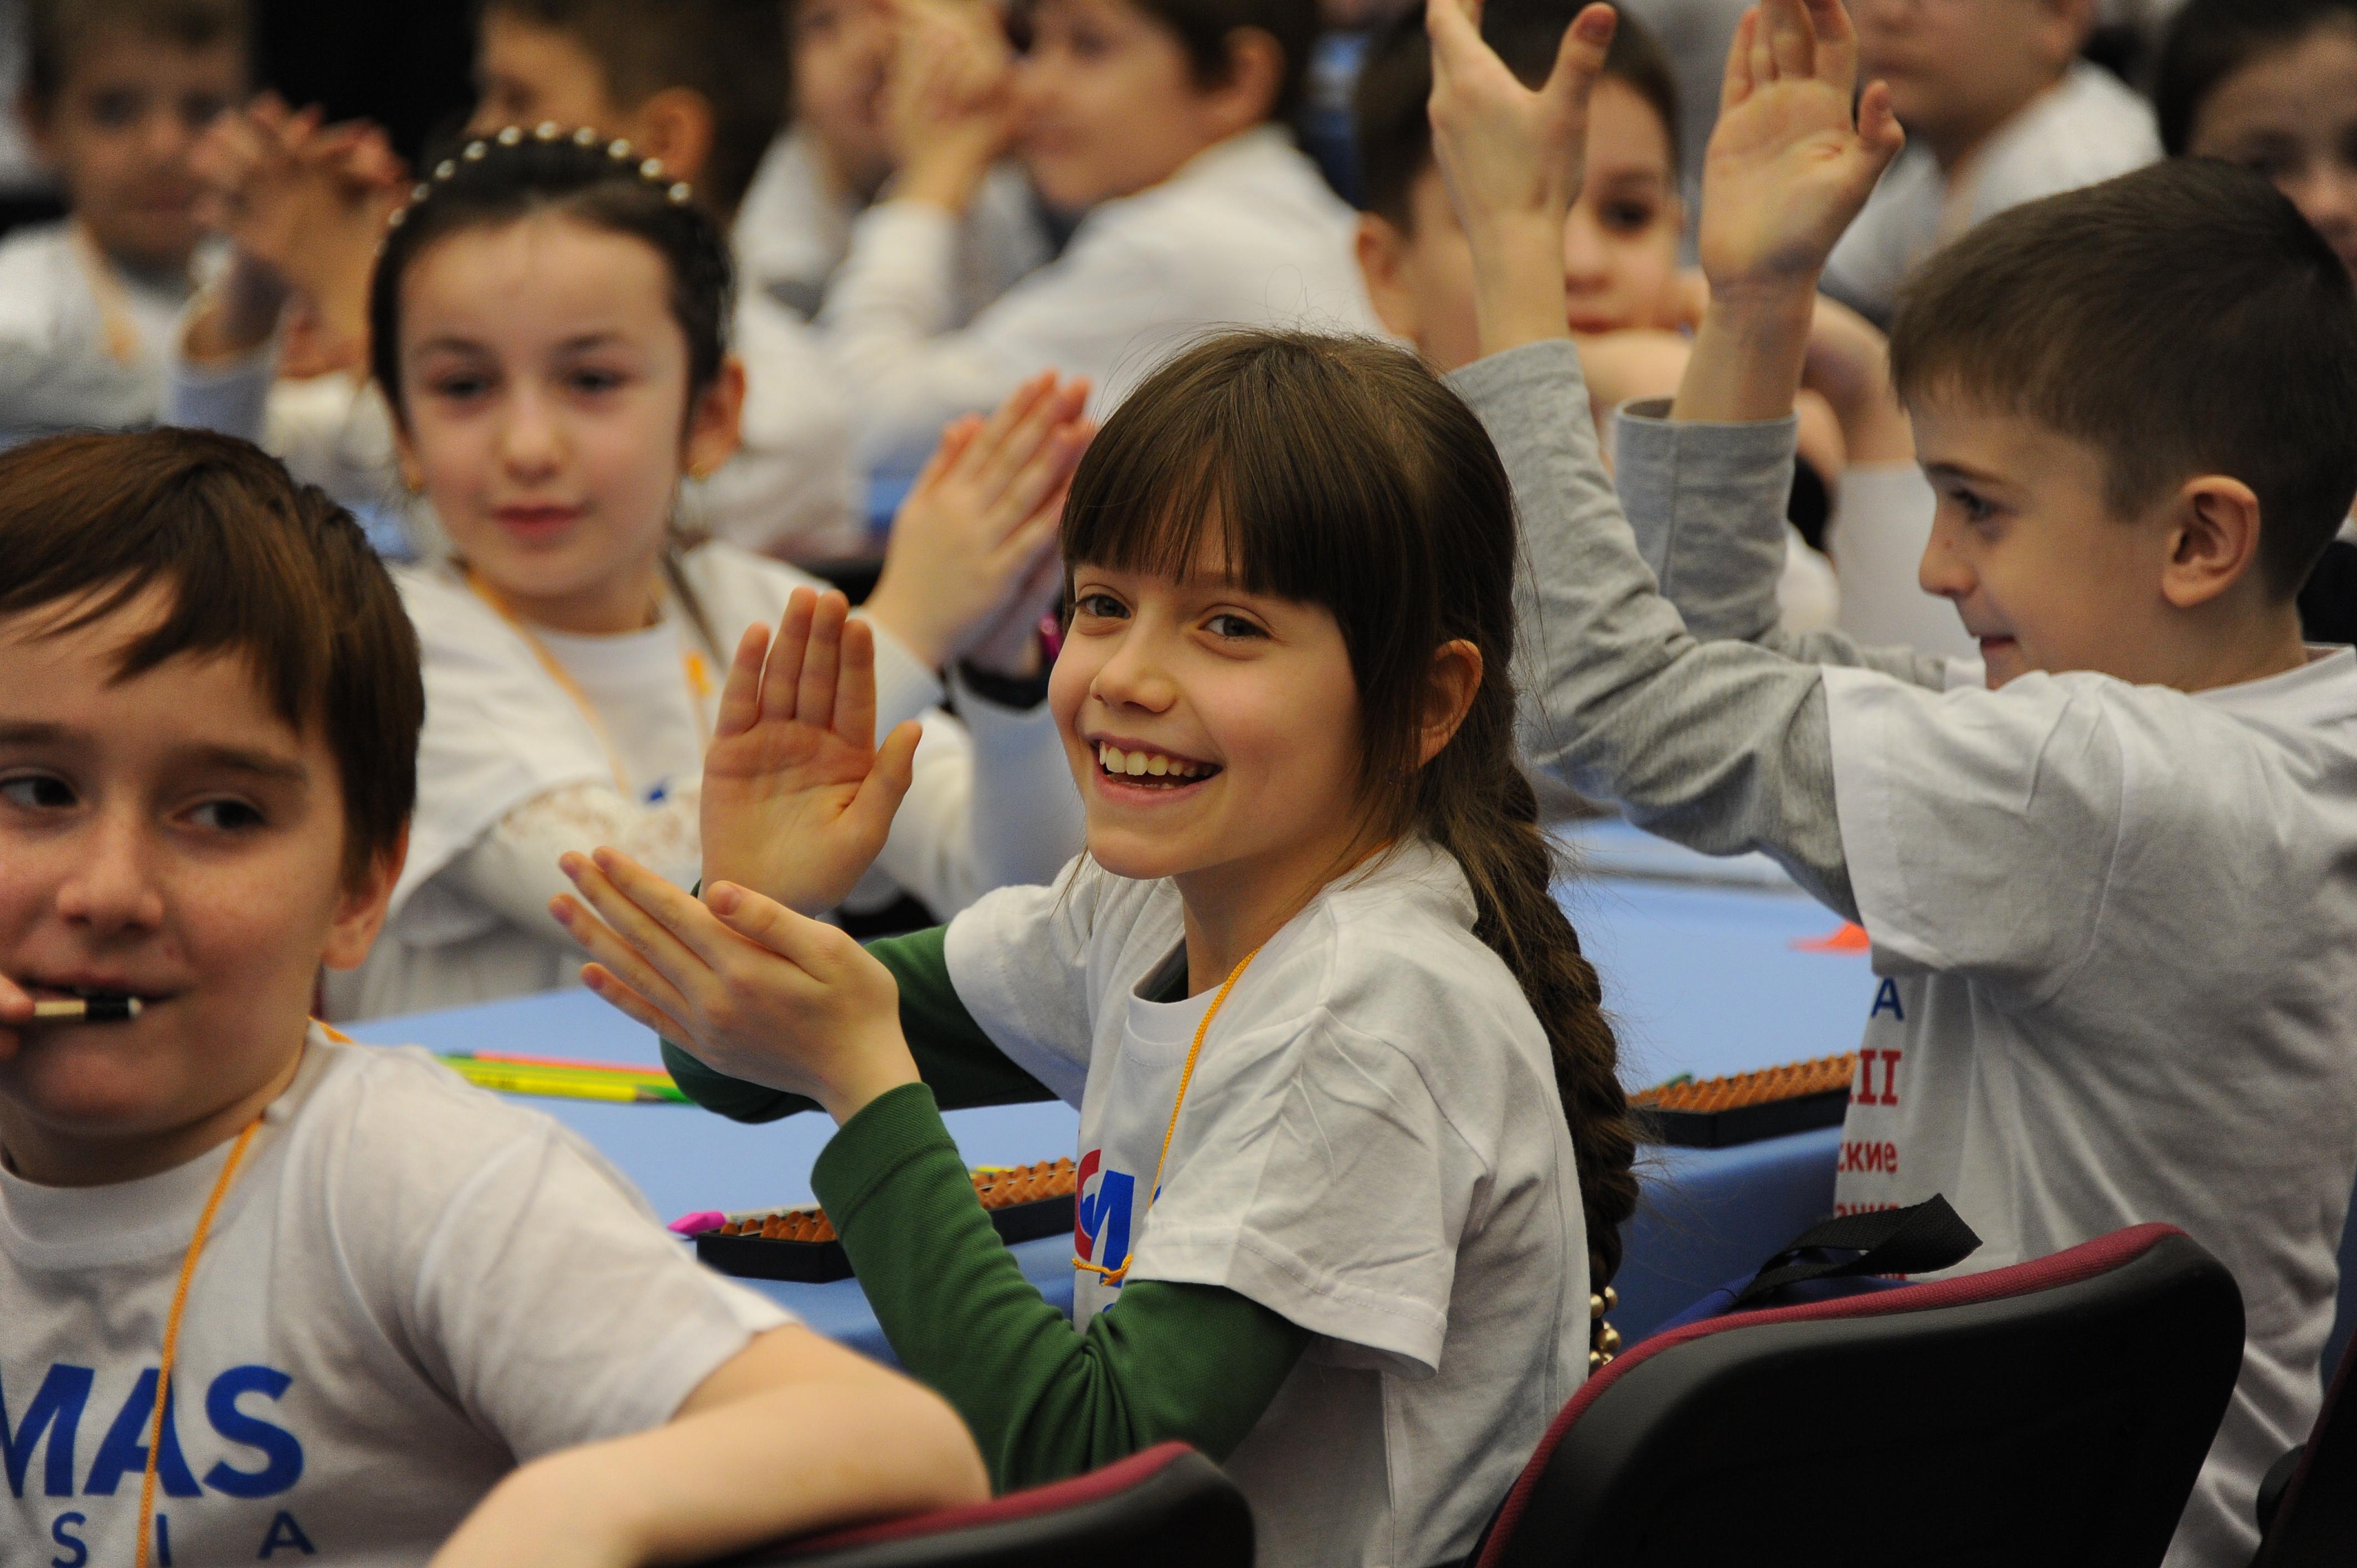 Конкурс для детей по экологии проведут в Десеновском